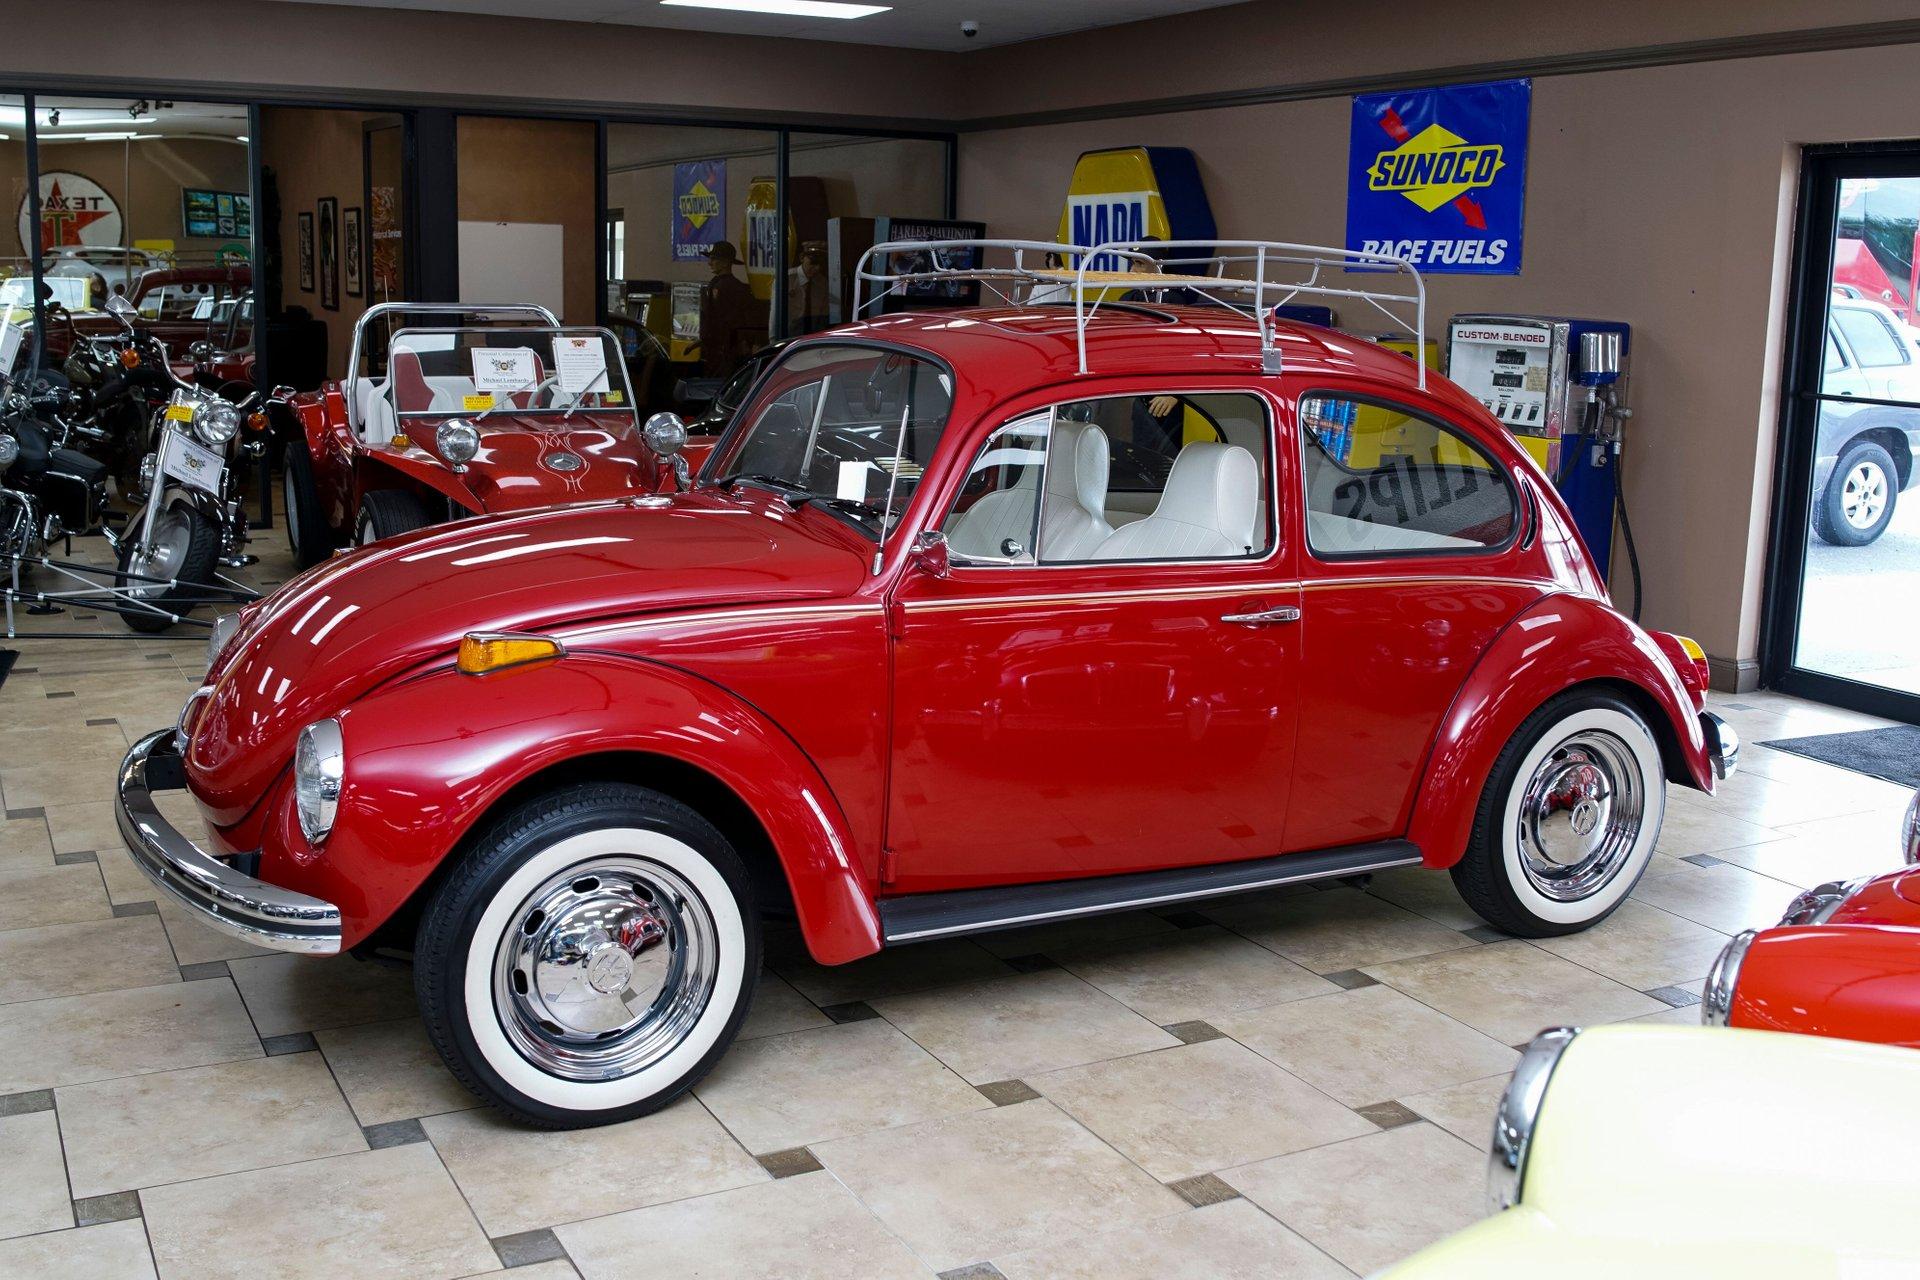 1971 Volkswagen Super Beetle Ideal Classic Cars Llc